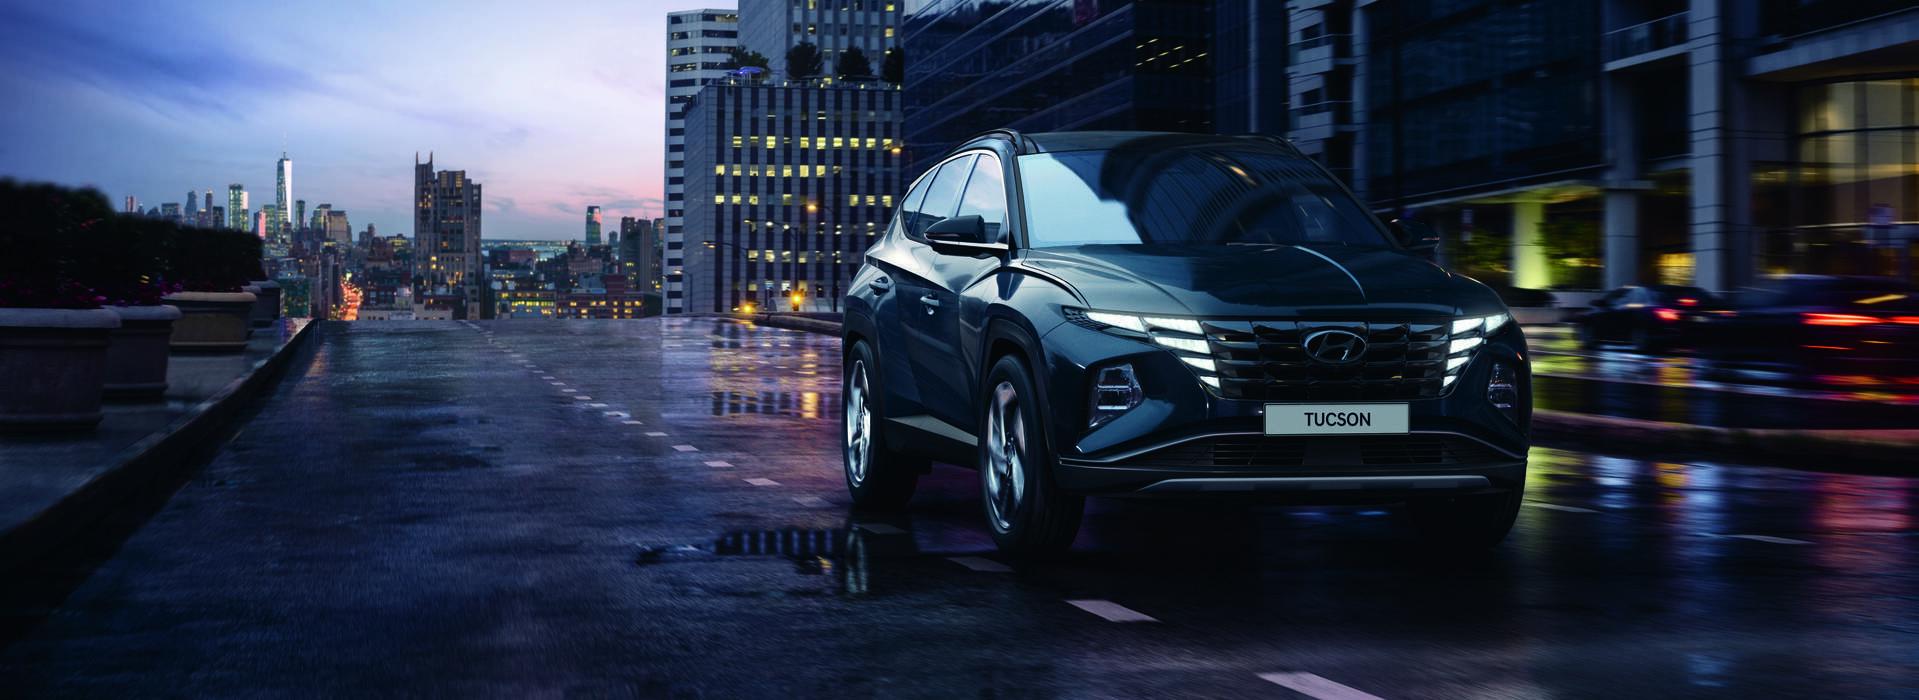 Hyundai Tucson Auto Express review